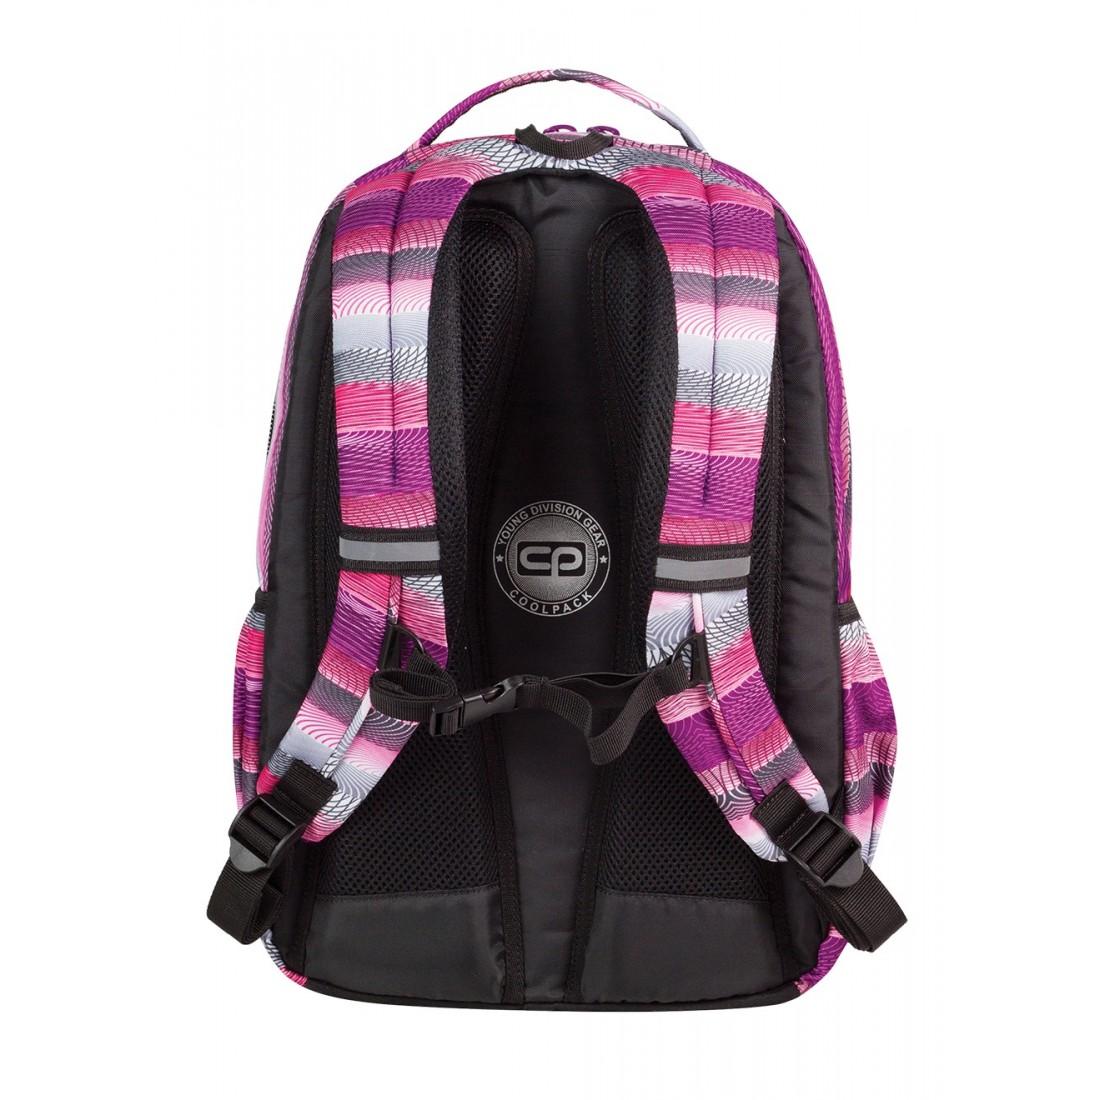 Plecak młodzieżowy CoolPack SMASH PURPLE TWIST CP 394 - plecak-tornister.pl